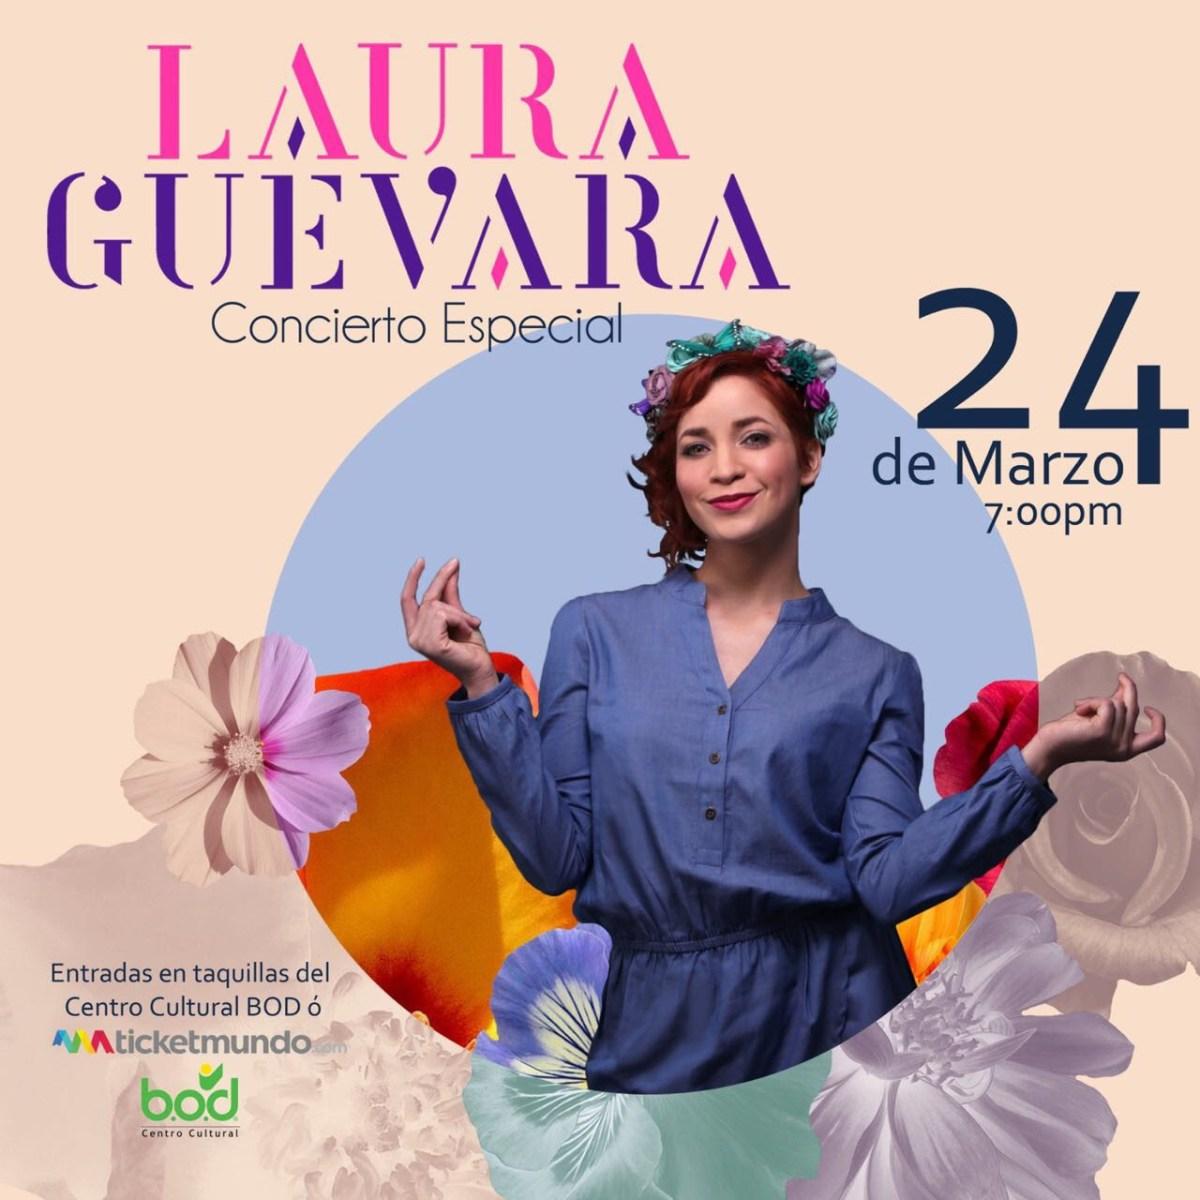 Laura-Guevara-se-despide-de-caracas